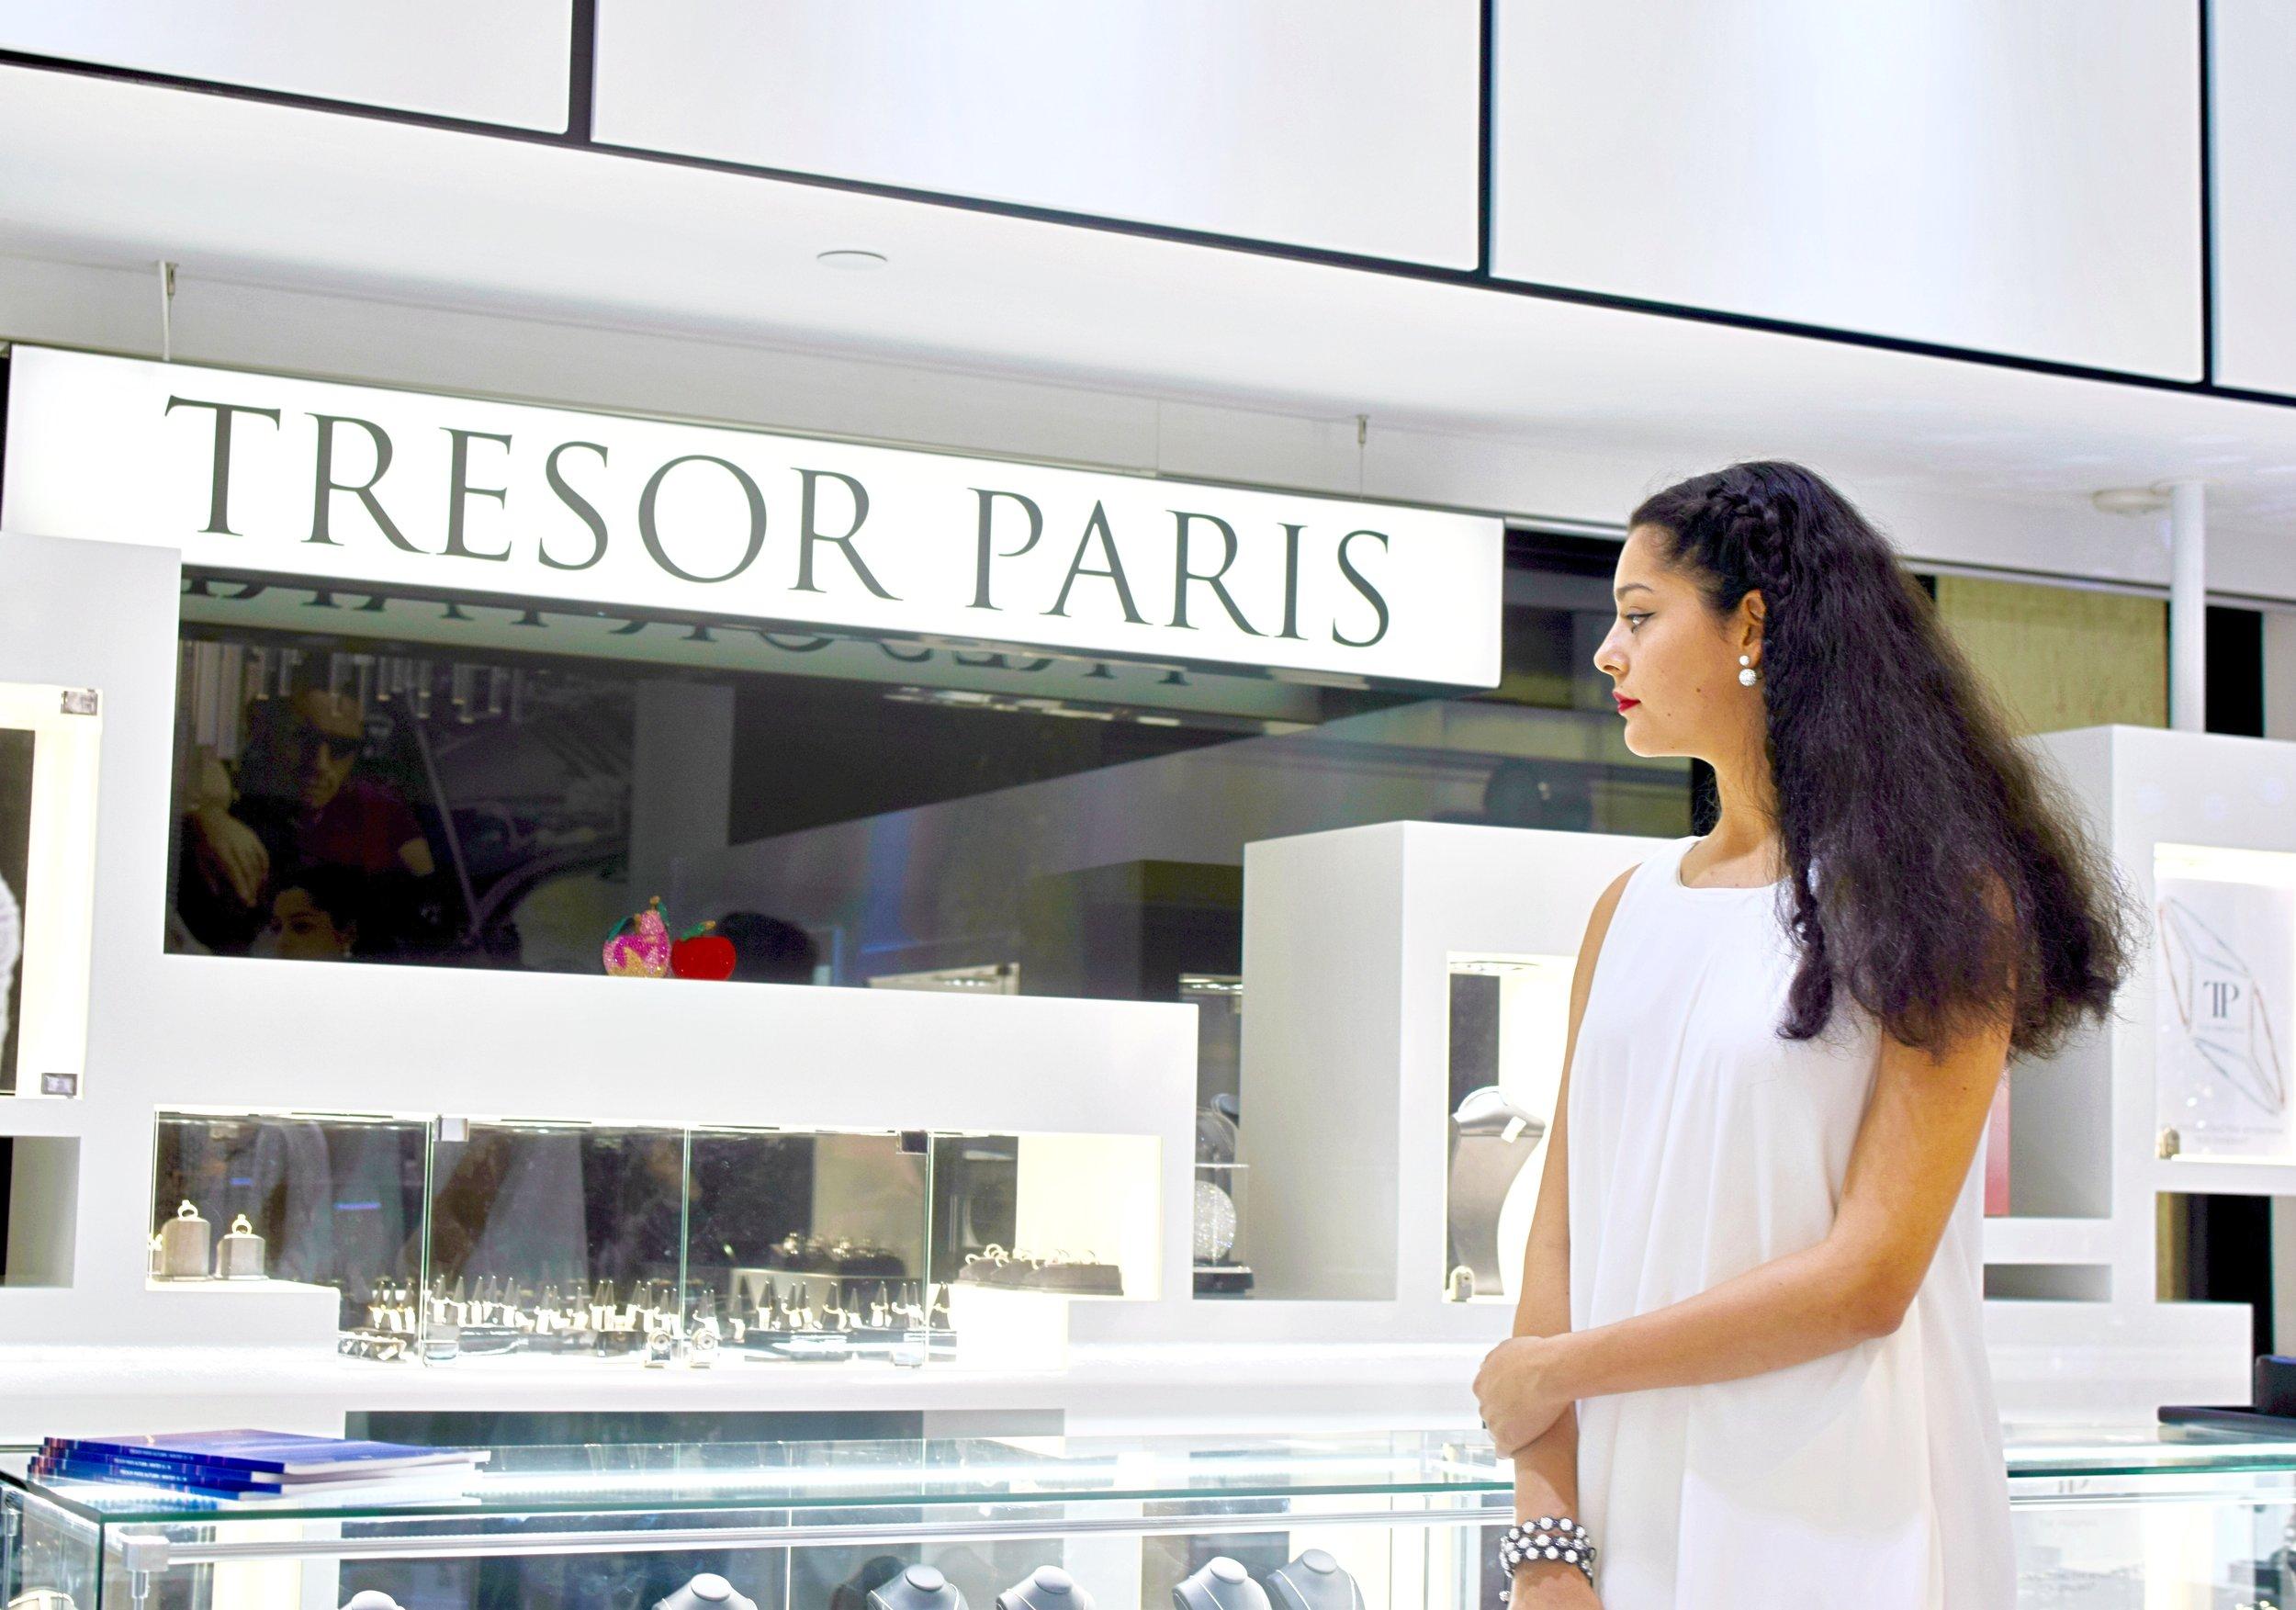 Tresor Paris Memorie Dress Diamond Event Isabel Wong Hatton Garden London.JPG